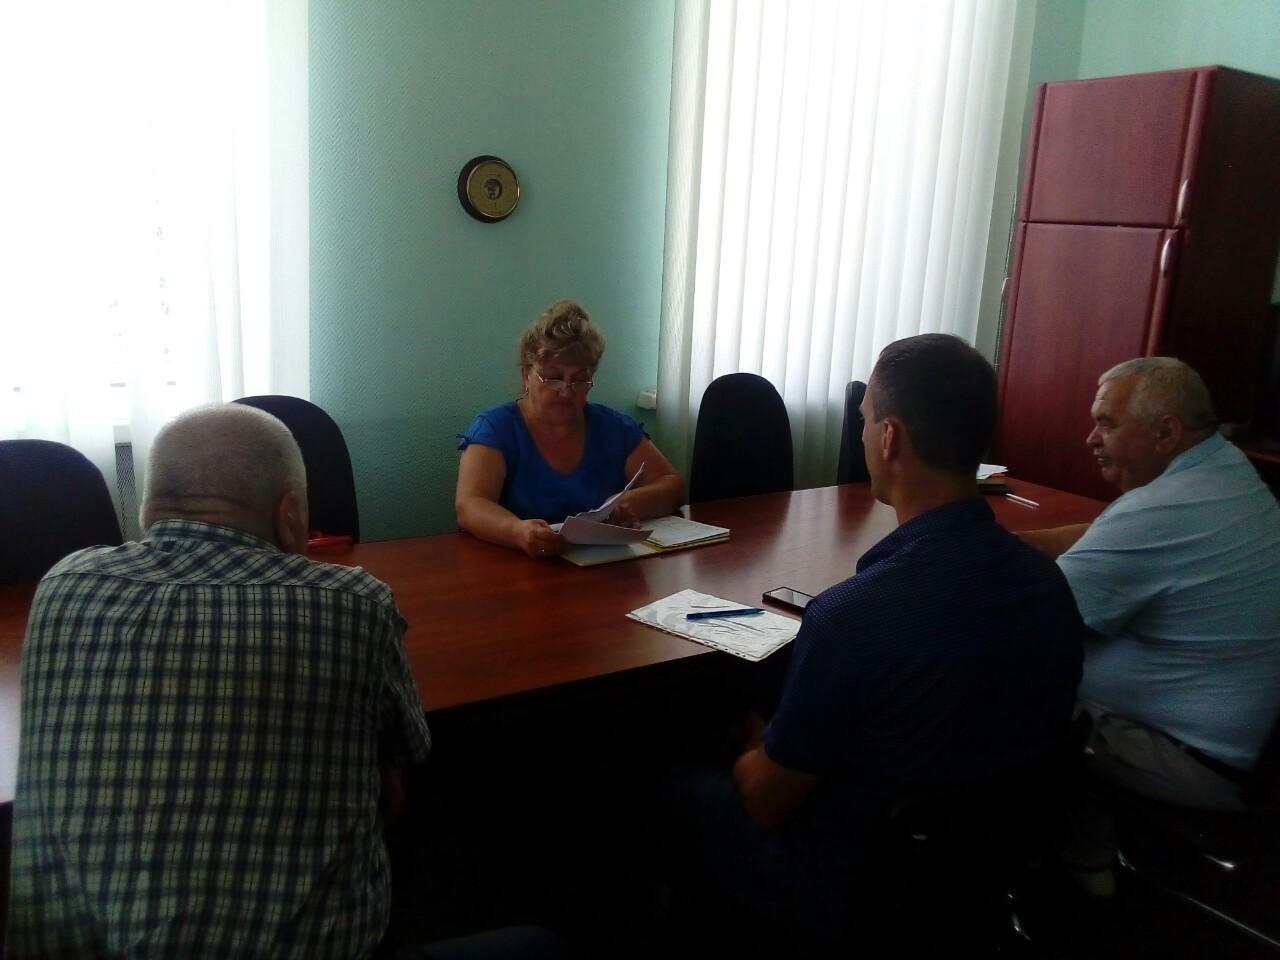 19 червня 2019 року було проведено виїзний прийом громадян в Олександрівської райдержадміністрації